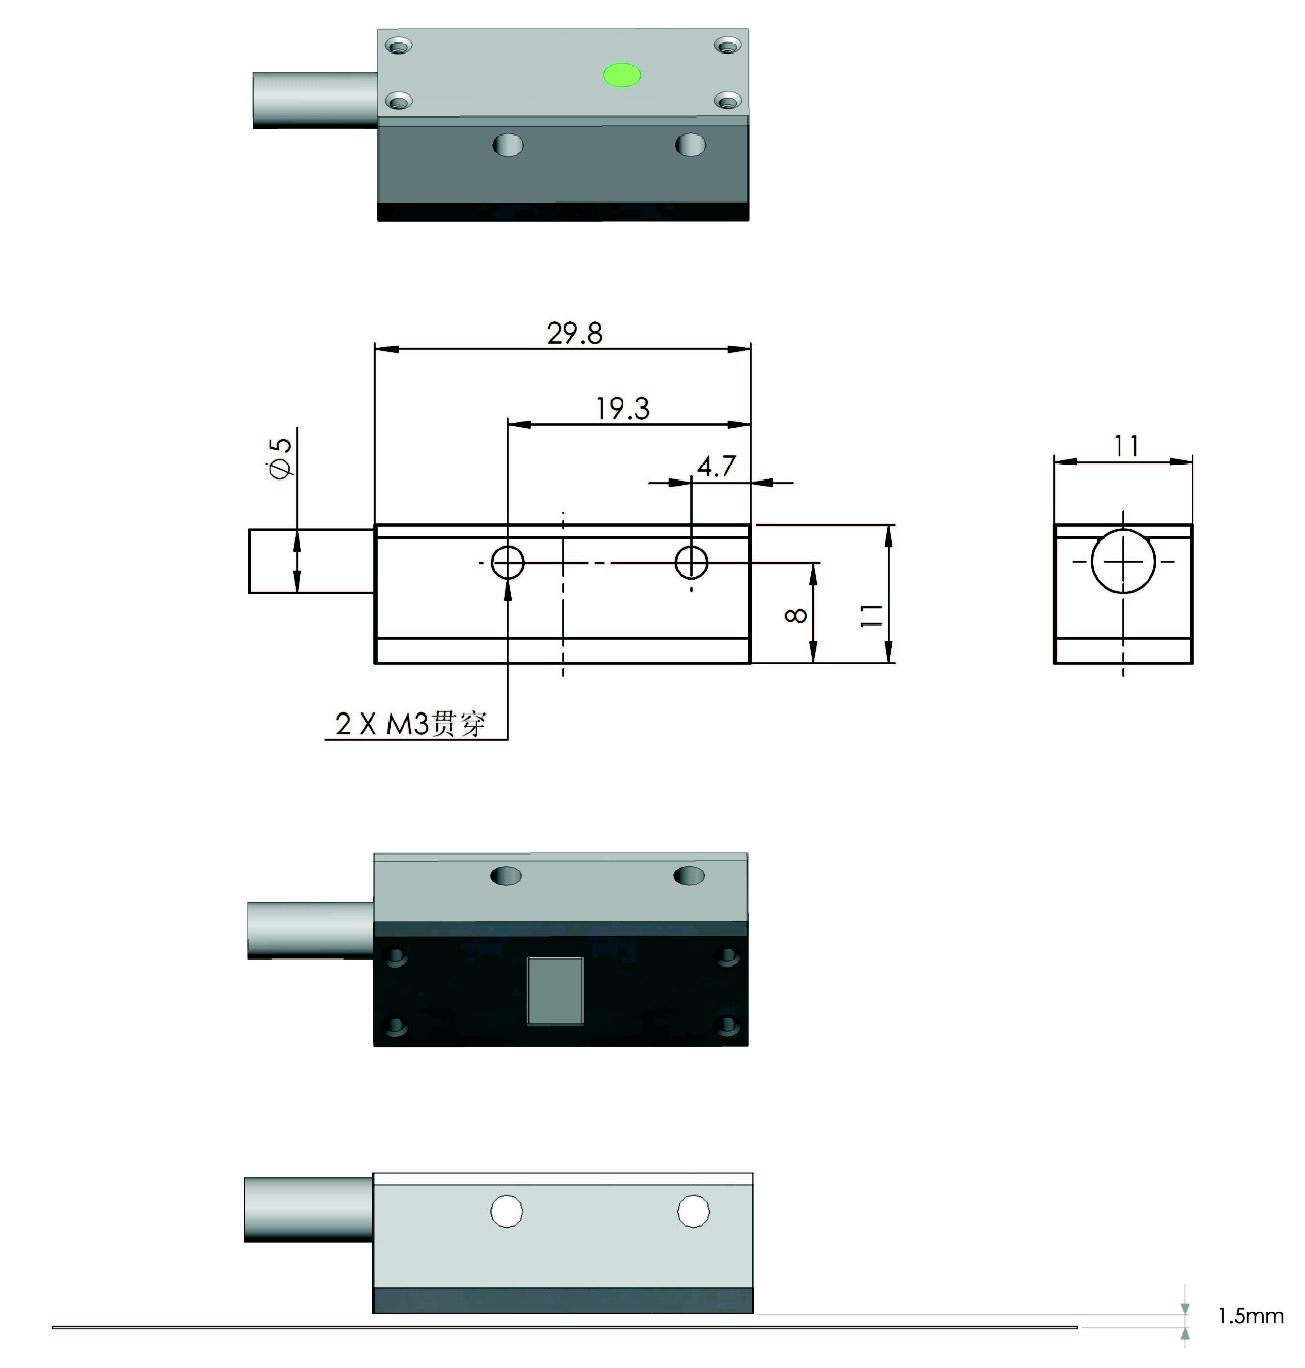 3904bc0d-c7b8-40b4-8997-16cc962c5059.jpg